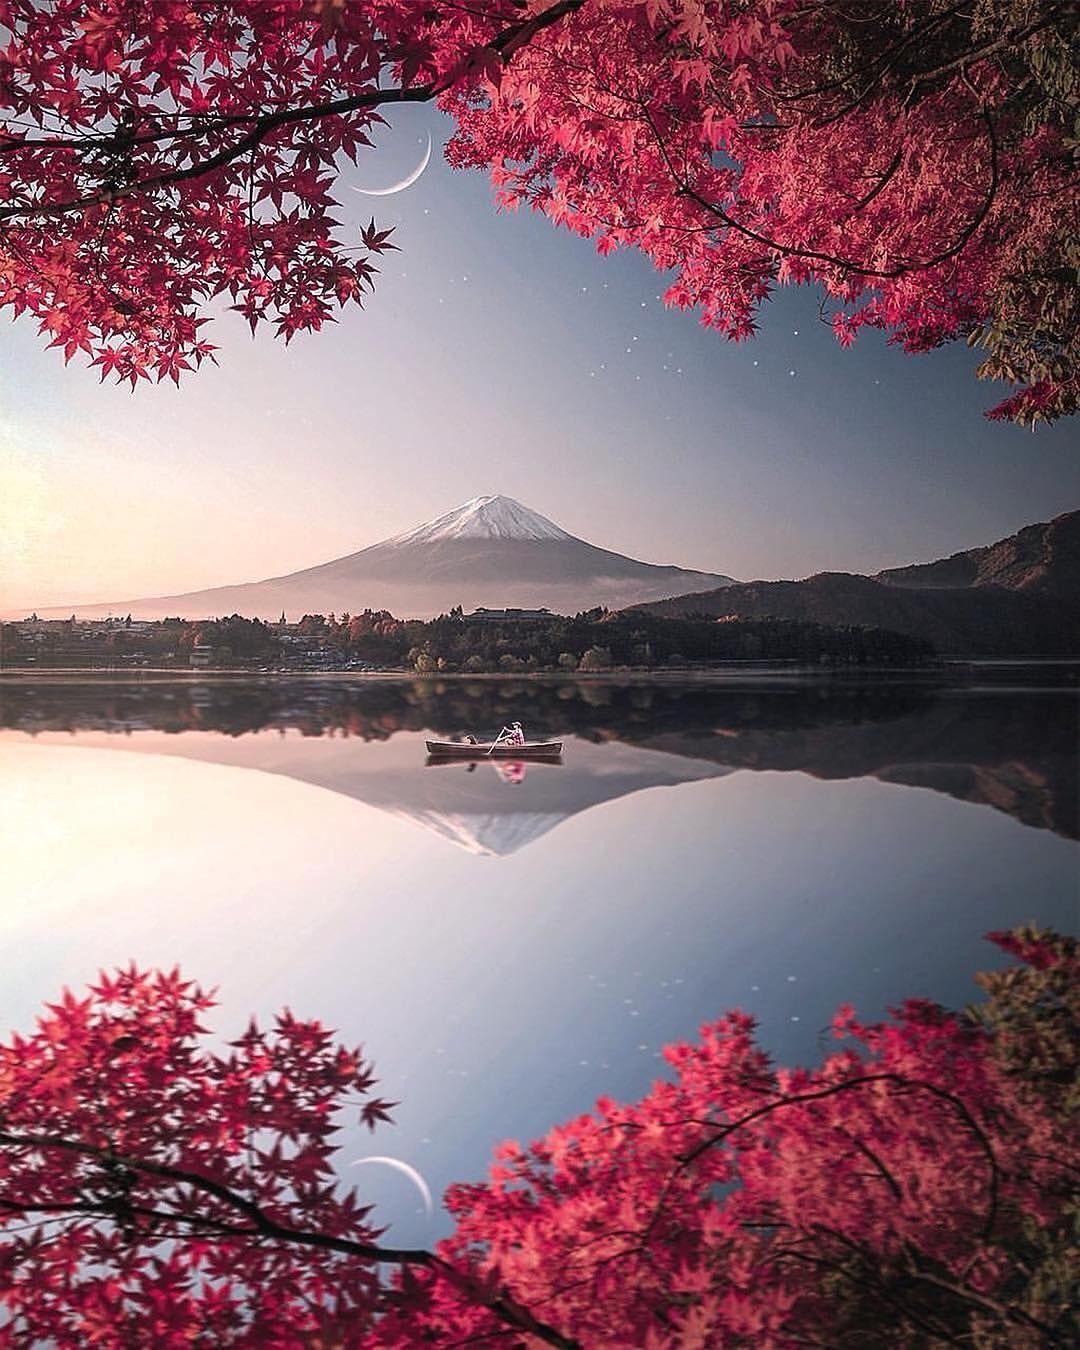 Гора ⛰ Фудзияма , Япония 🇯🇵 подписывайся 👉 @krasiviemesta ...